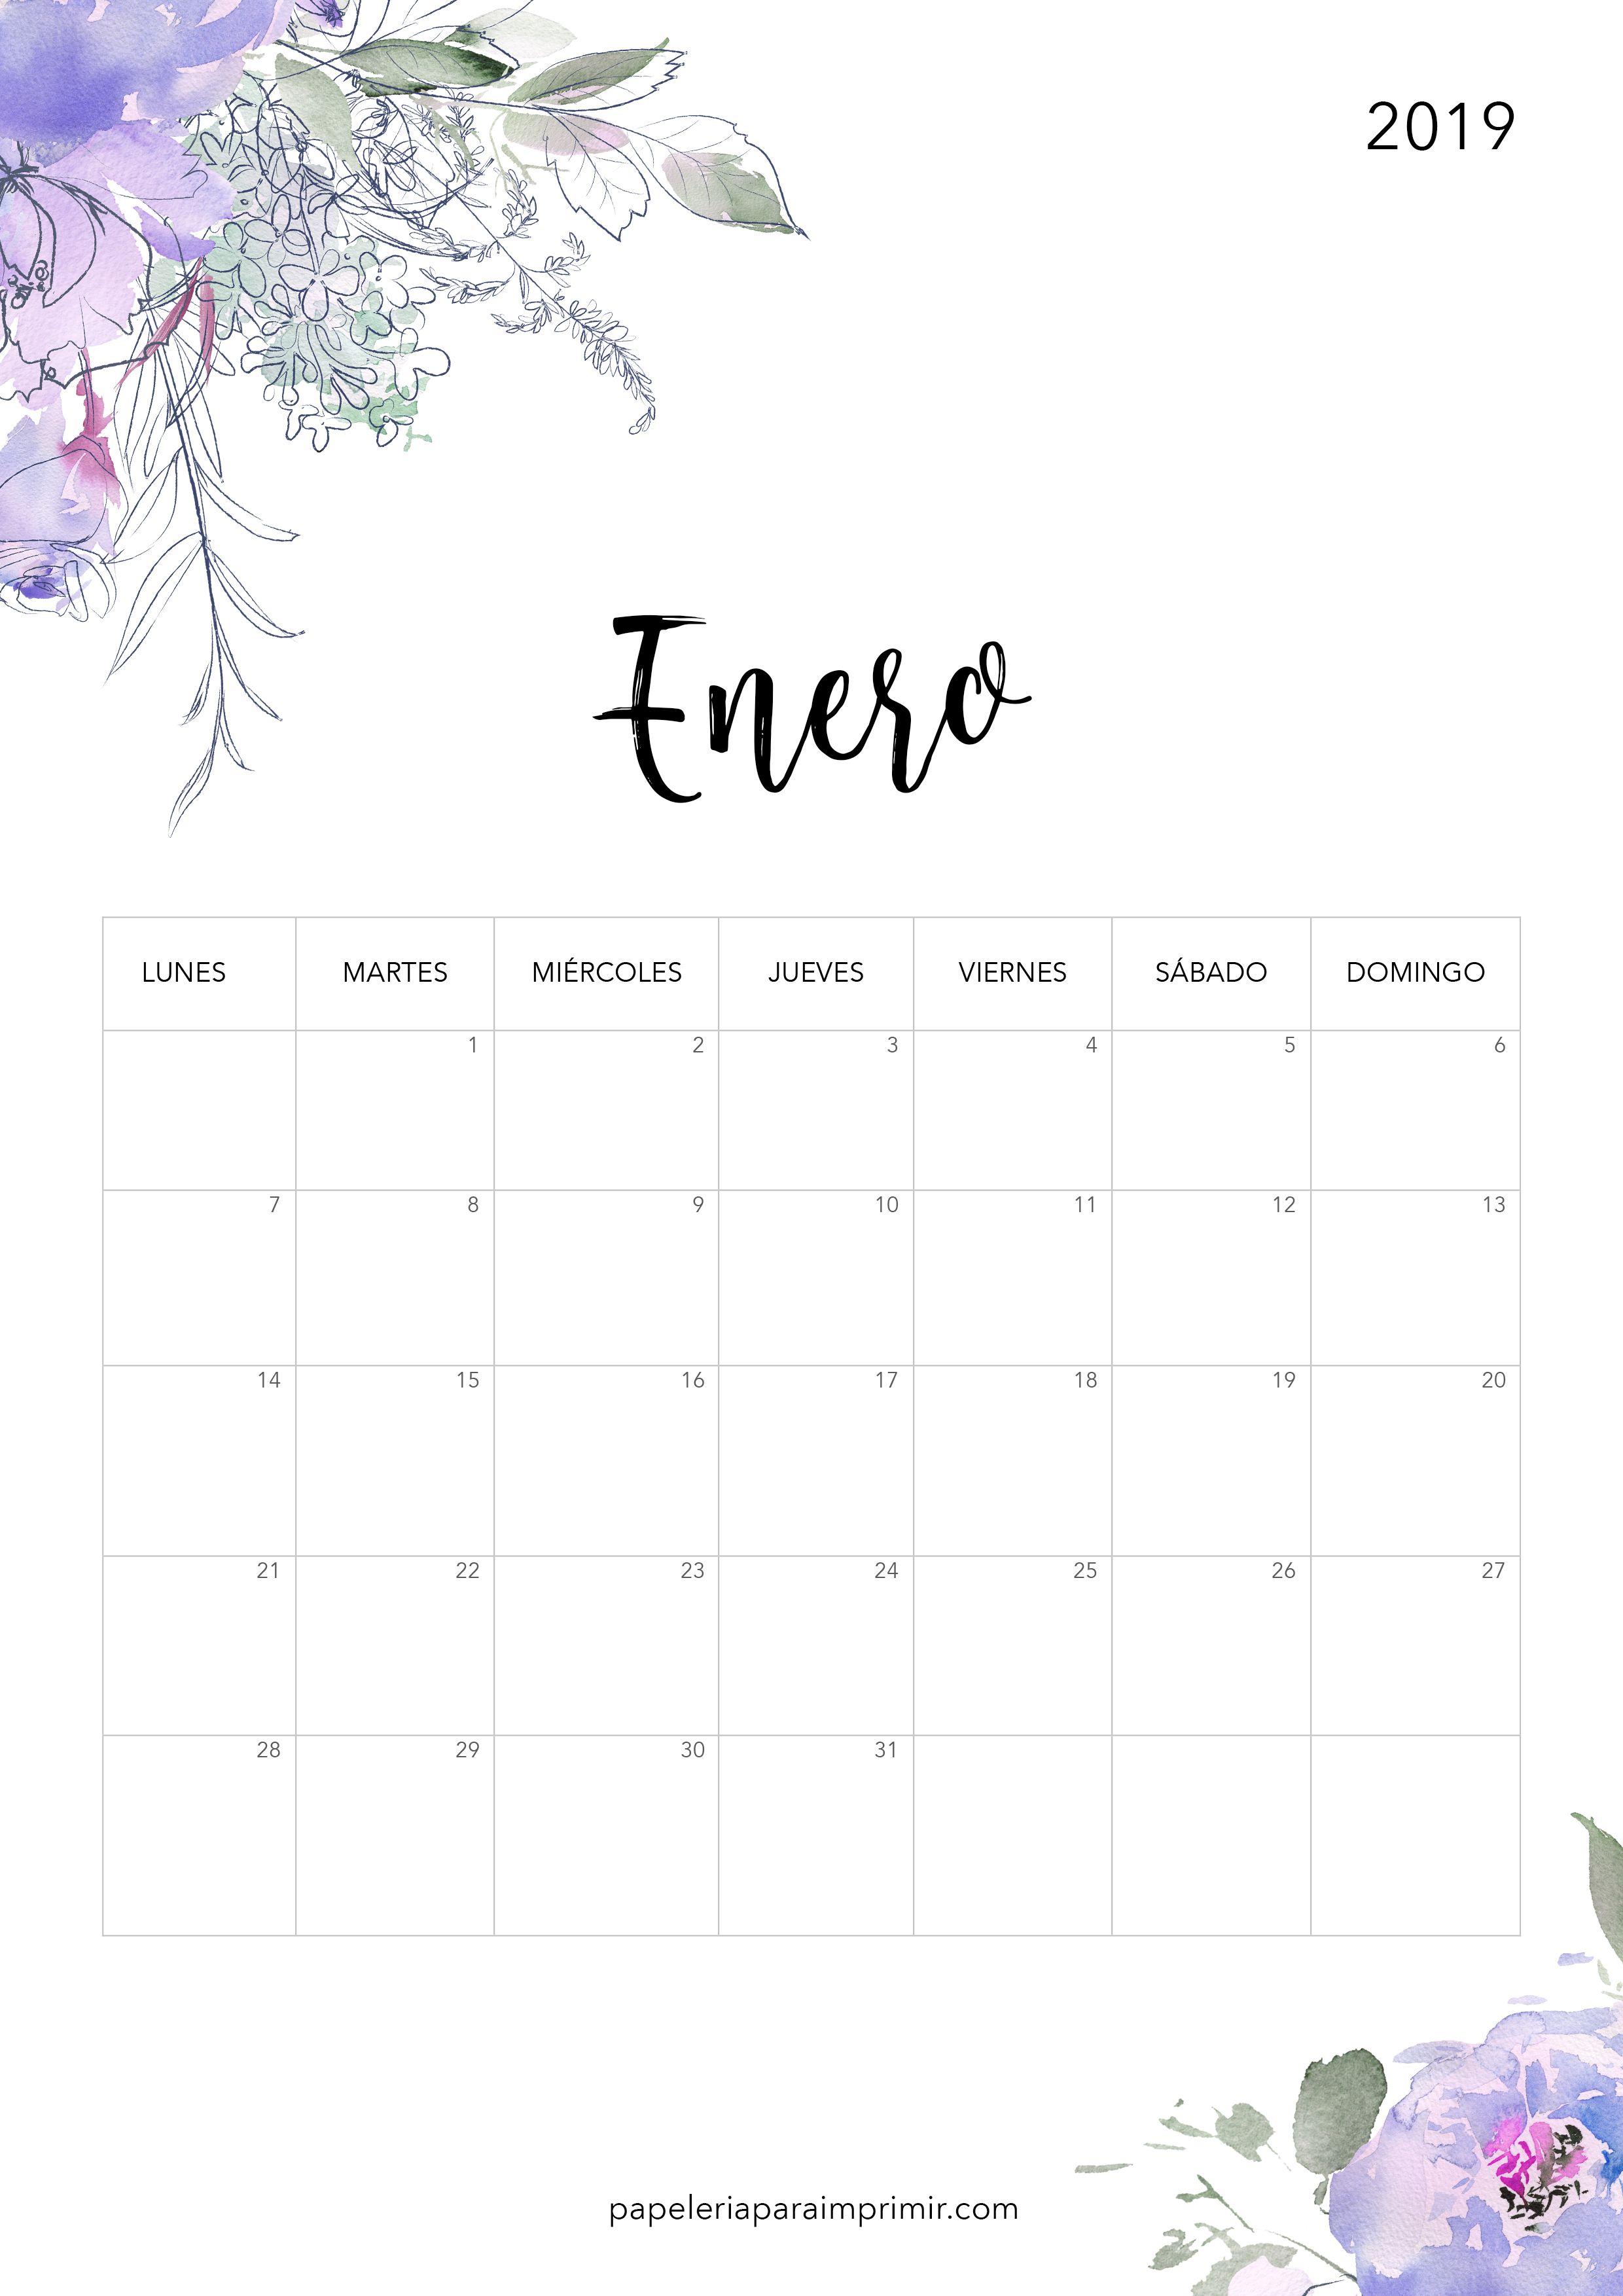 Calendarios De February De 2019 Bonitos Calendario para imprimir 2019   Enero #calendario #imprimir #enero